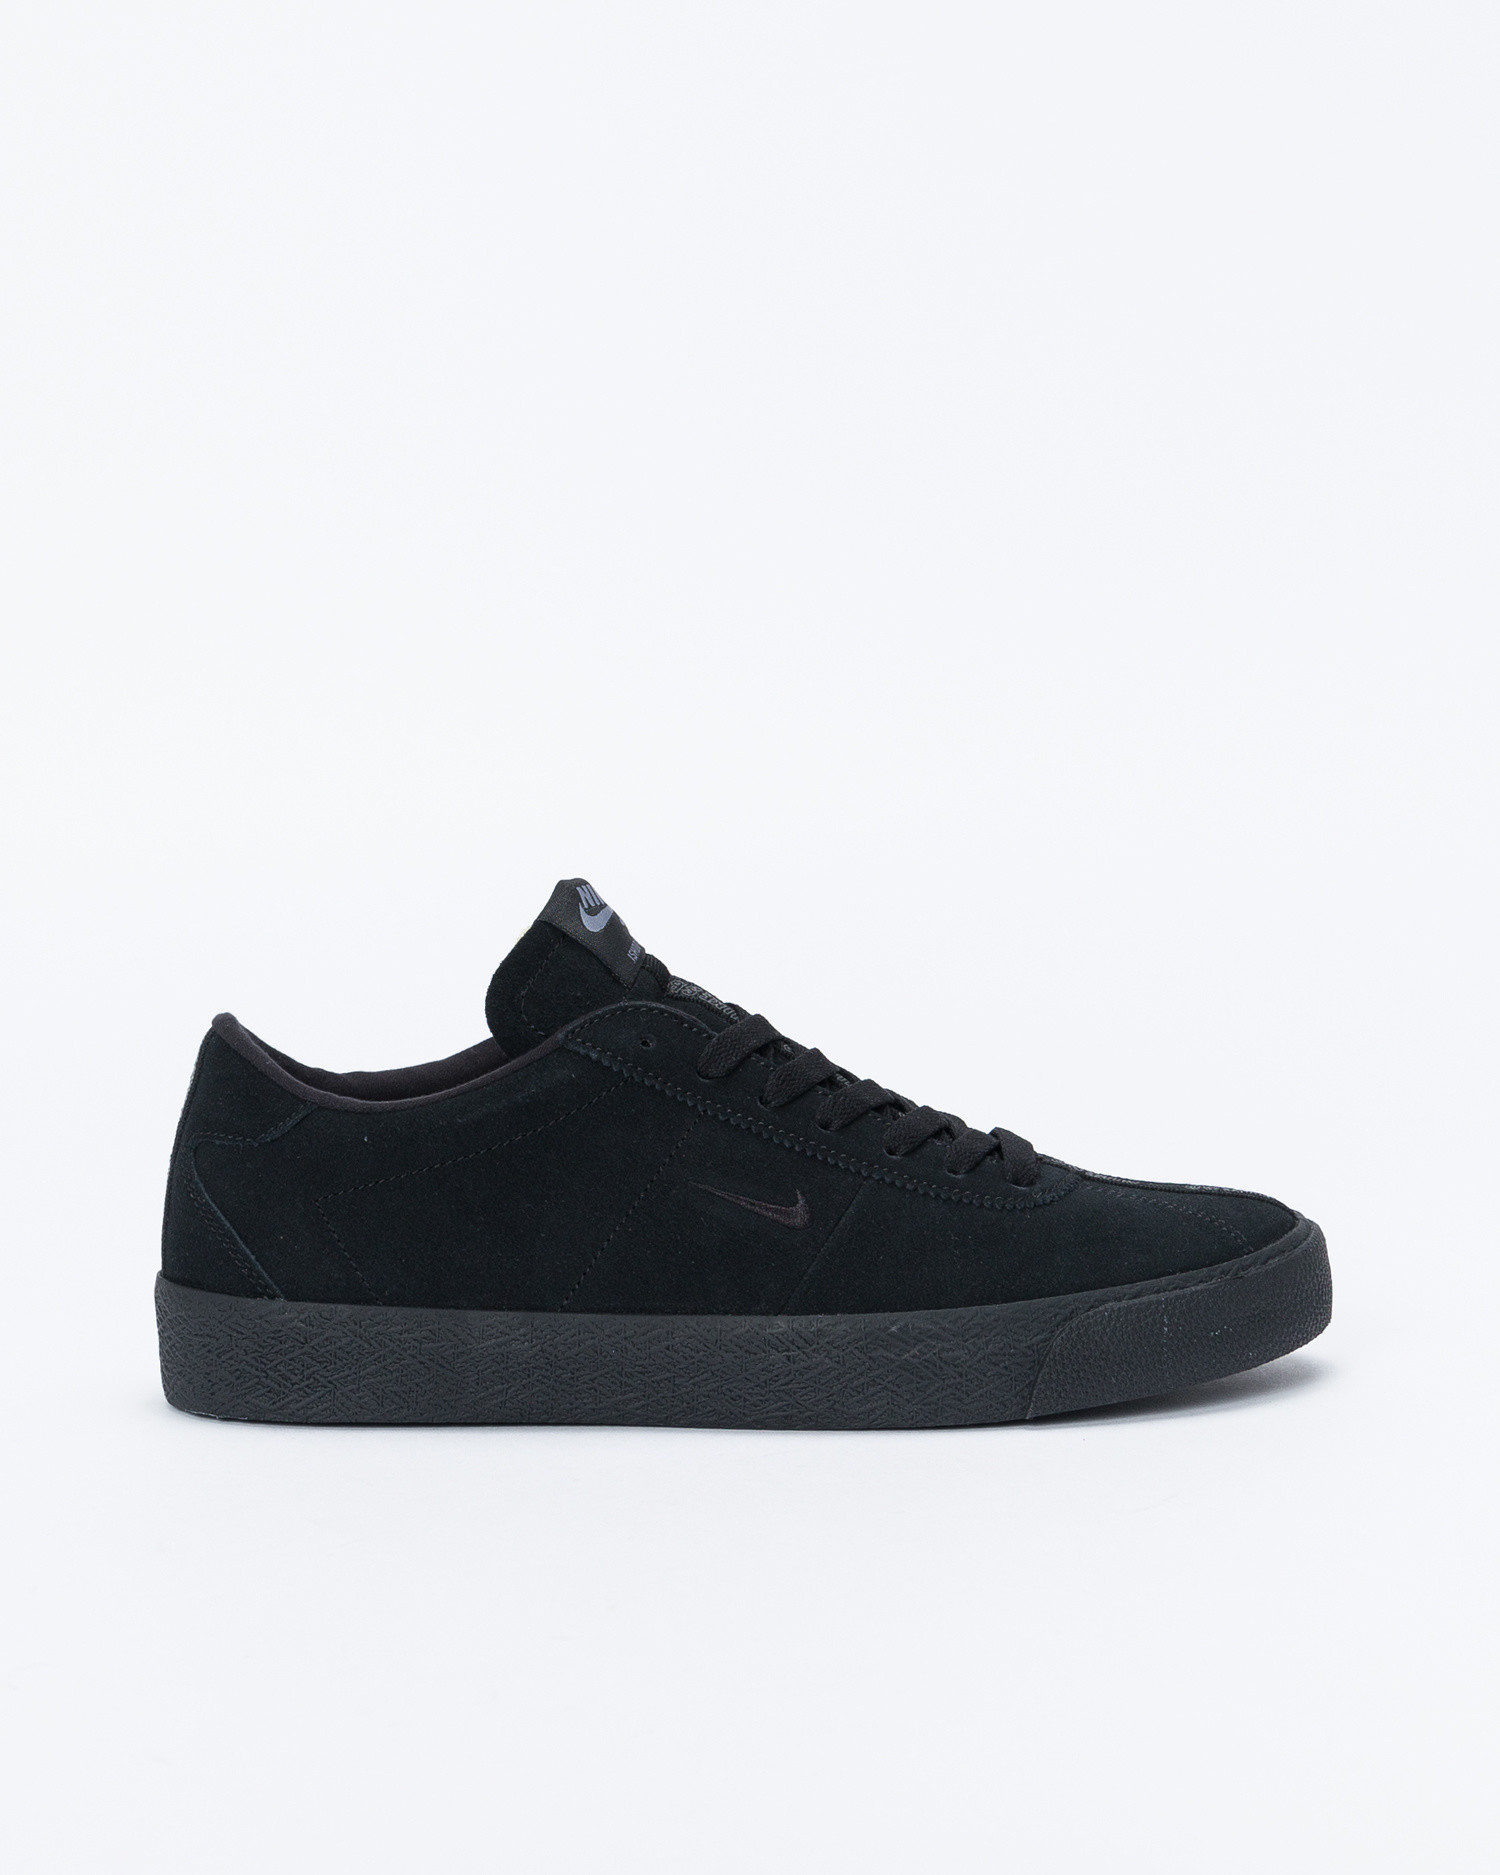 Nike SB Zoom Bruin Iso Orange Label Black/Black